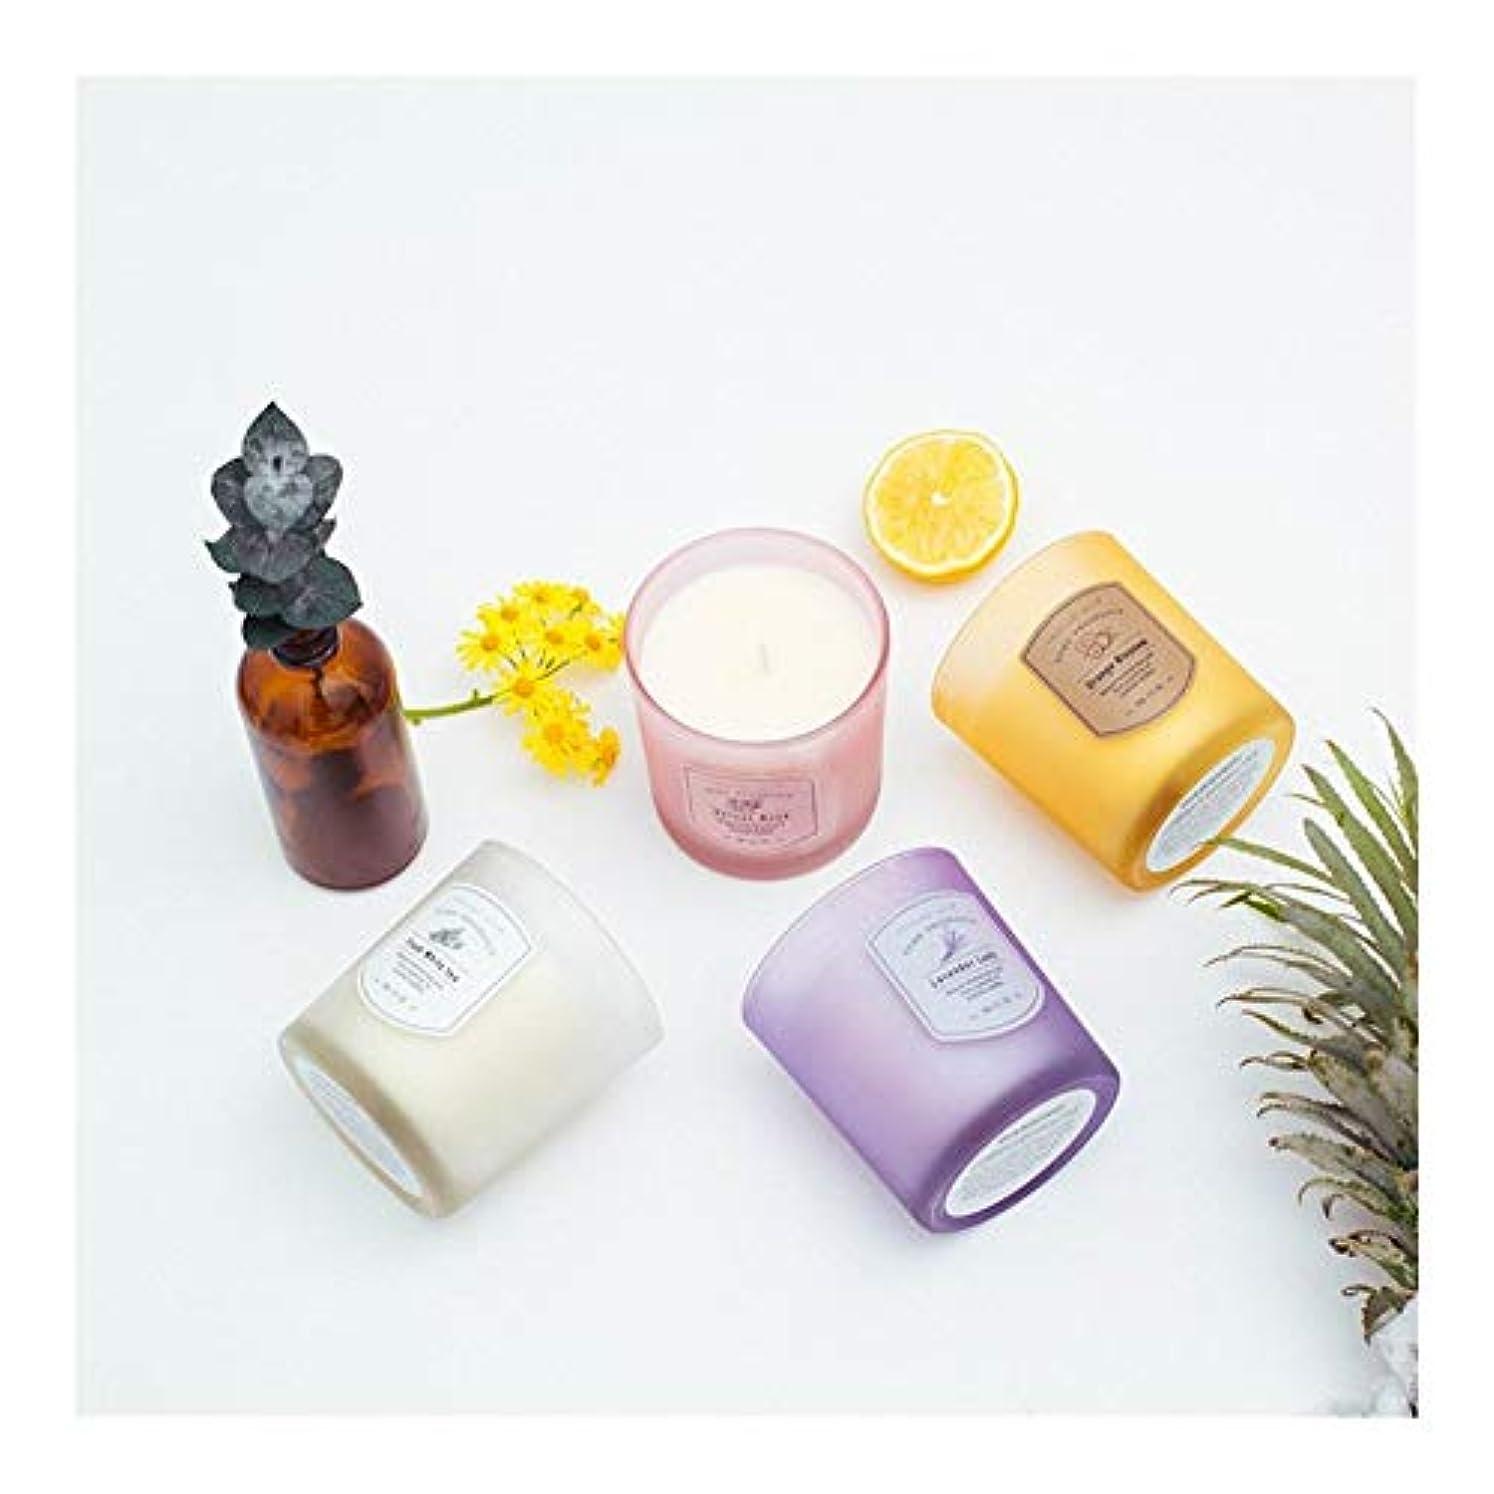 線絶えず誤ってGuomao ガラスキャンドルキャンドルセット無煙フレグランスジュエリーホームアクセサリー (色 : Purple lavender)